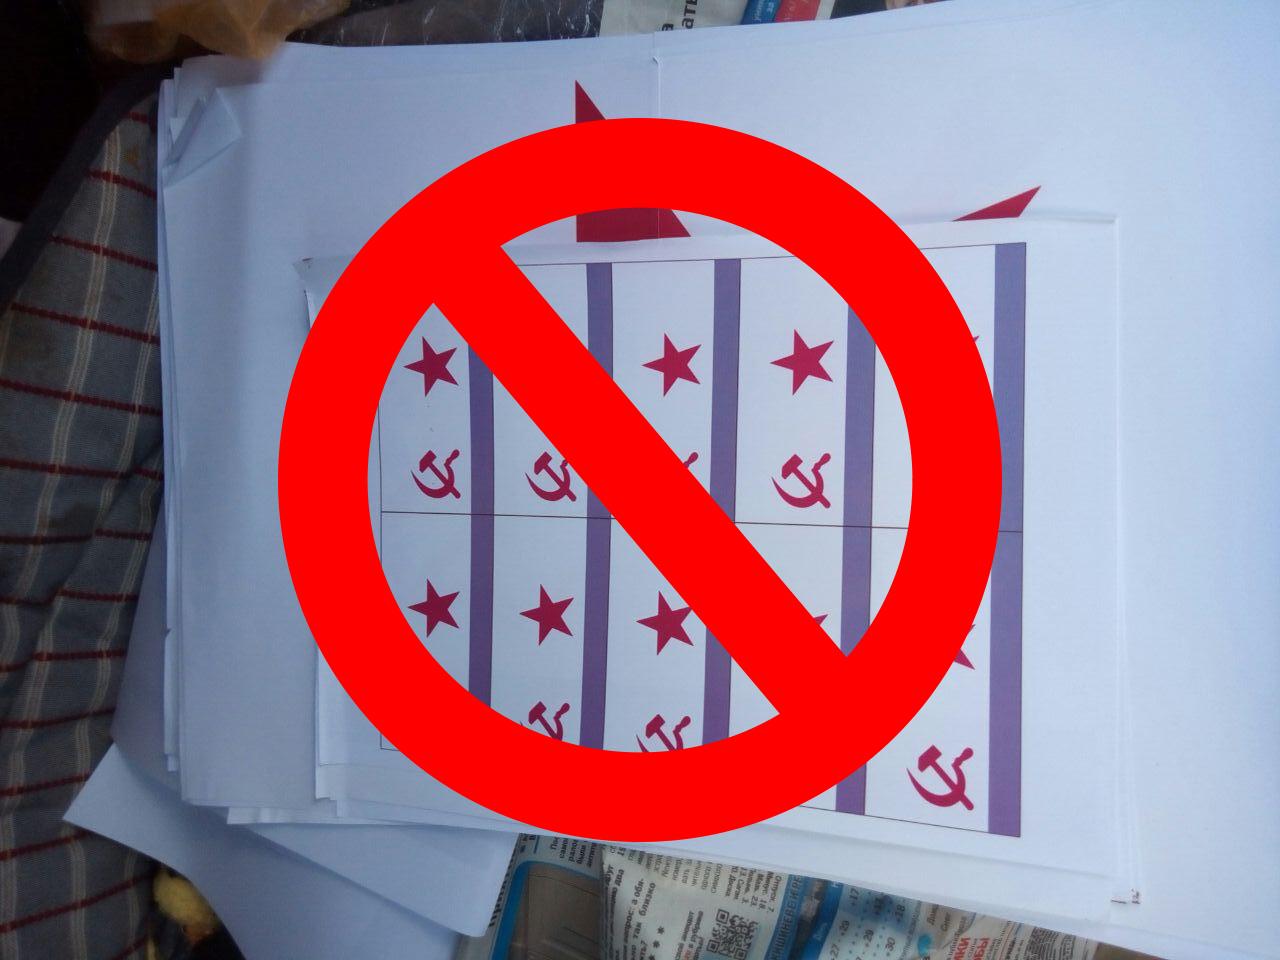 В Одесской области задержали любителя России с запрещенной символикой и...